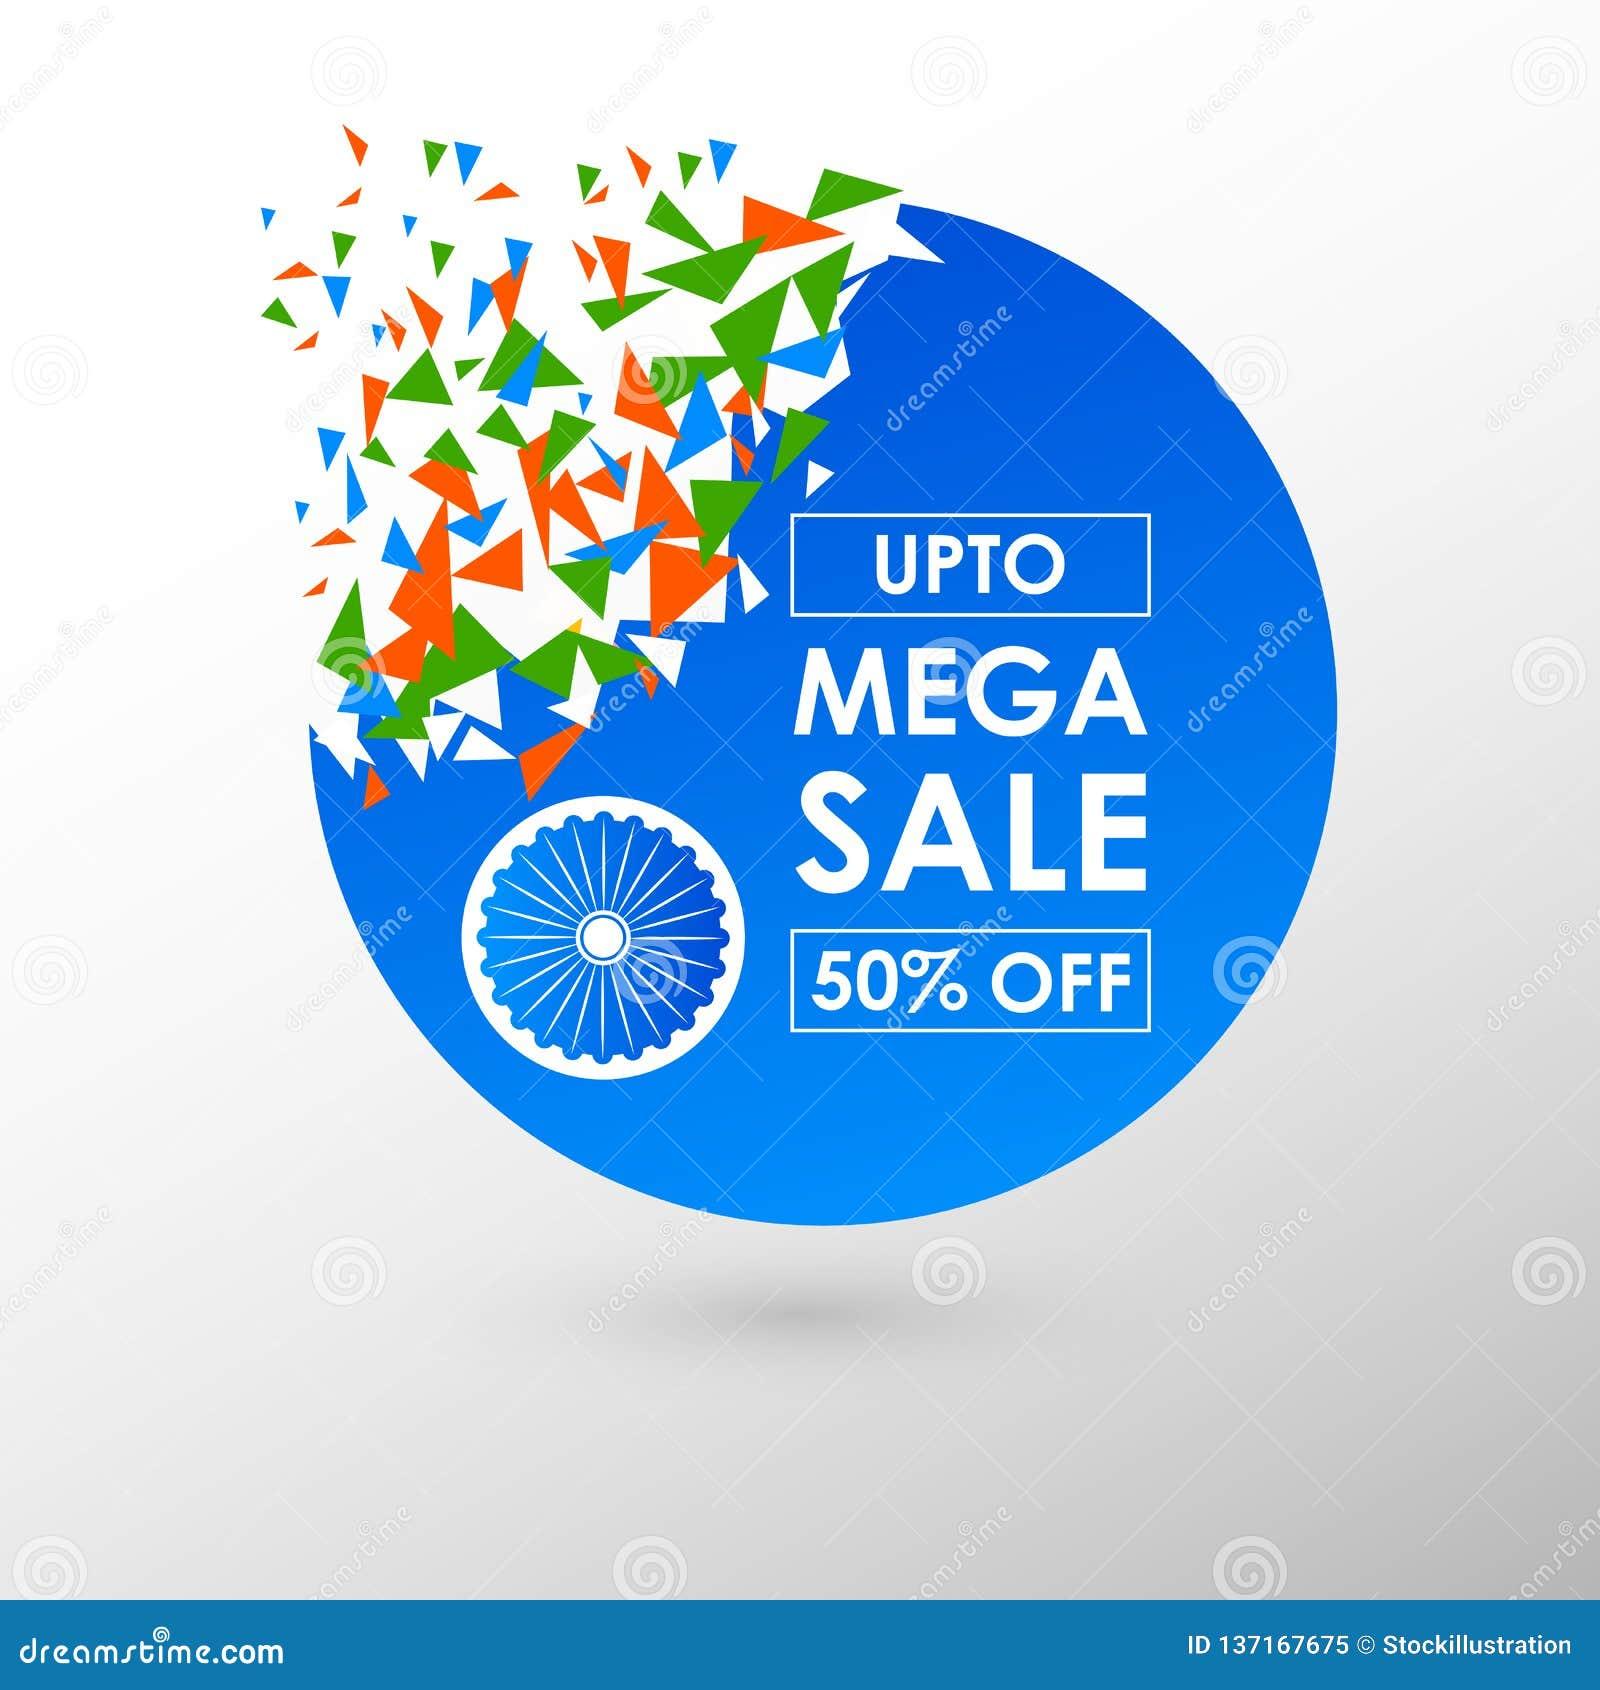 Έμβλημα διαφημίσεων προώθησης πώλησης για την 26η Ιανουαρίου, ευτυχής ημέρα Δημοκρατίας της Ινδίας